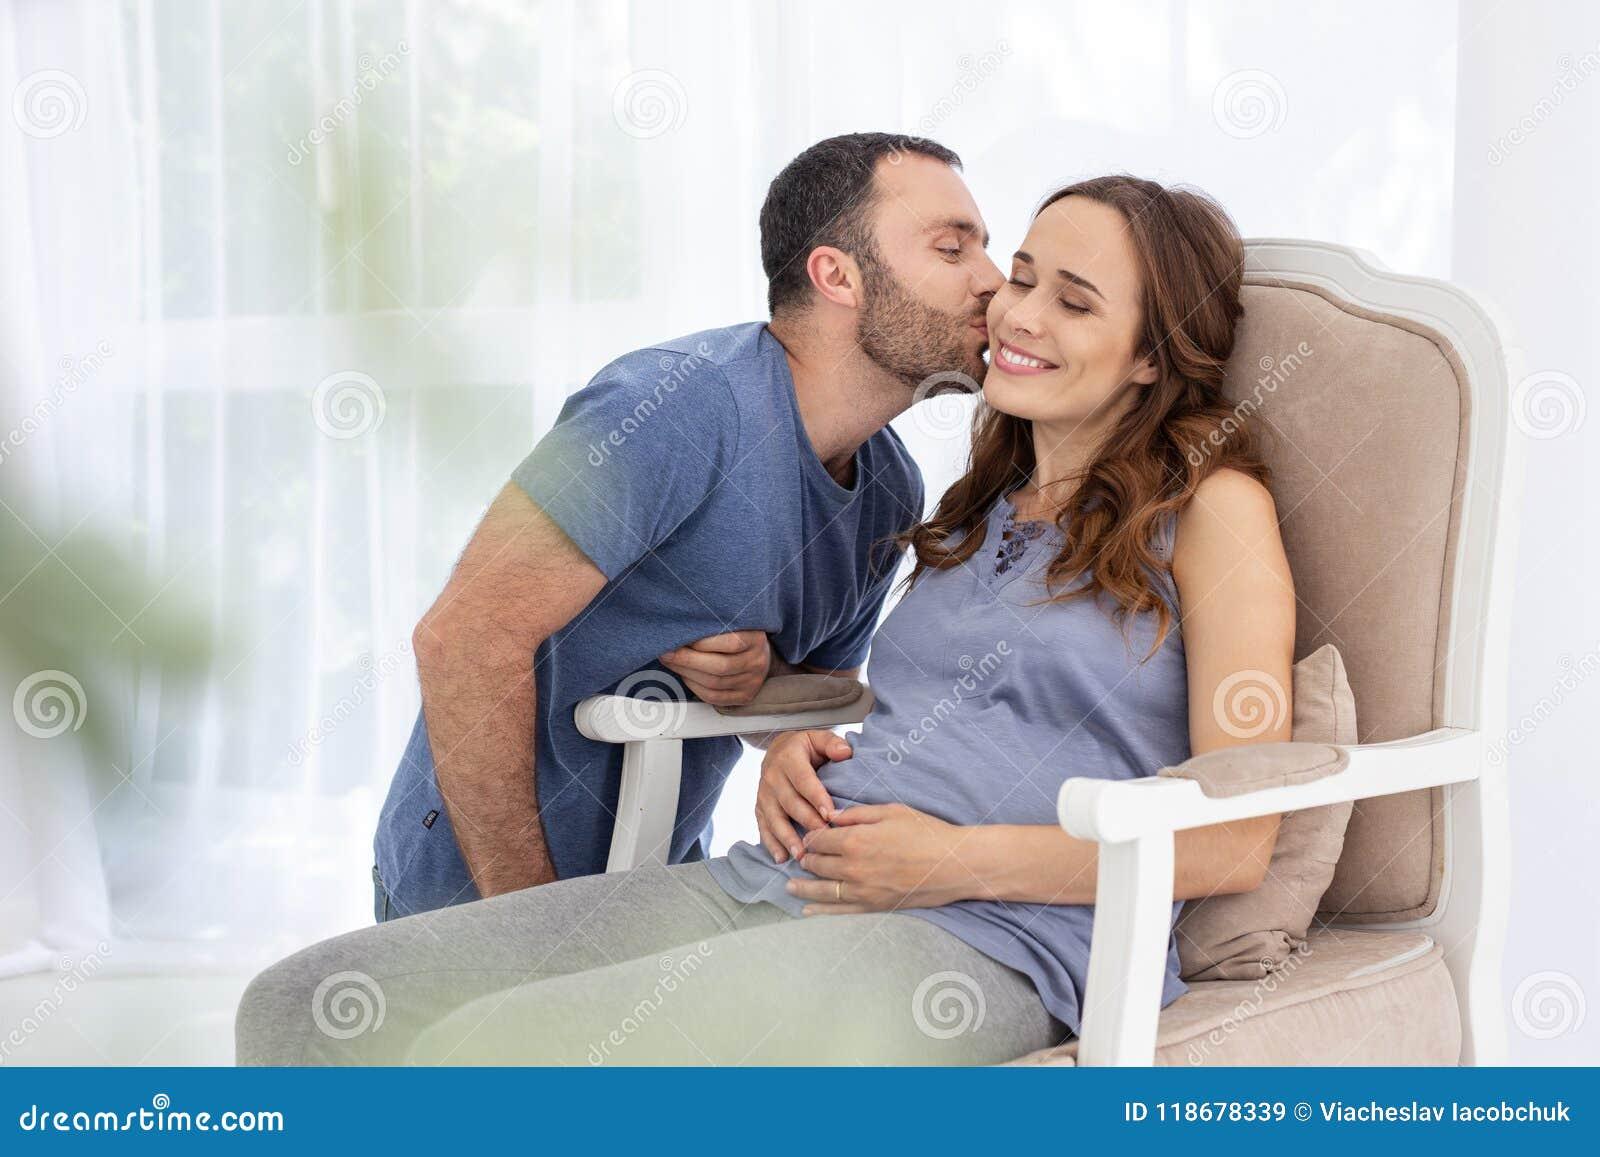 Incontri a lungo termine vs matrimonio